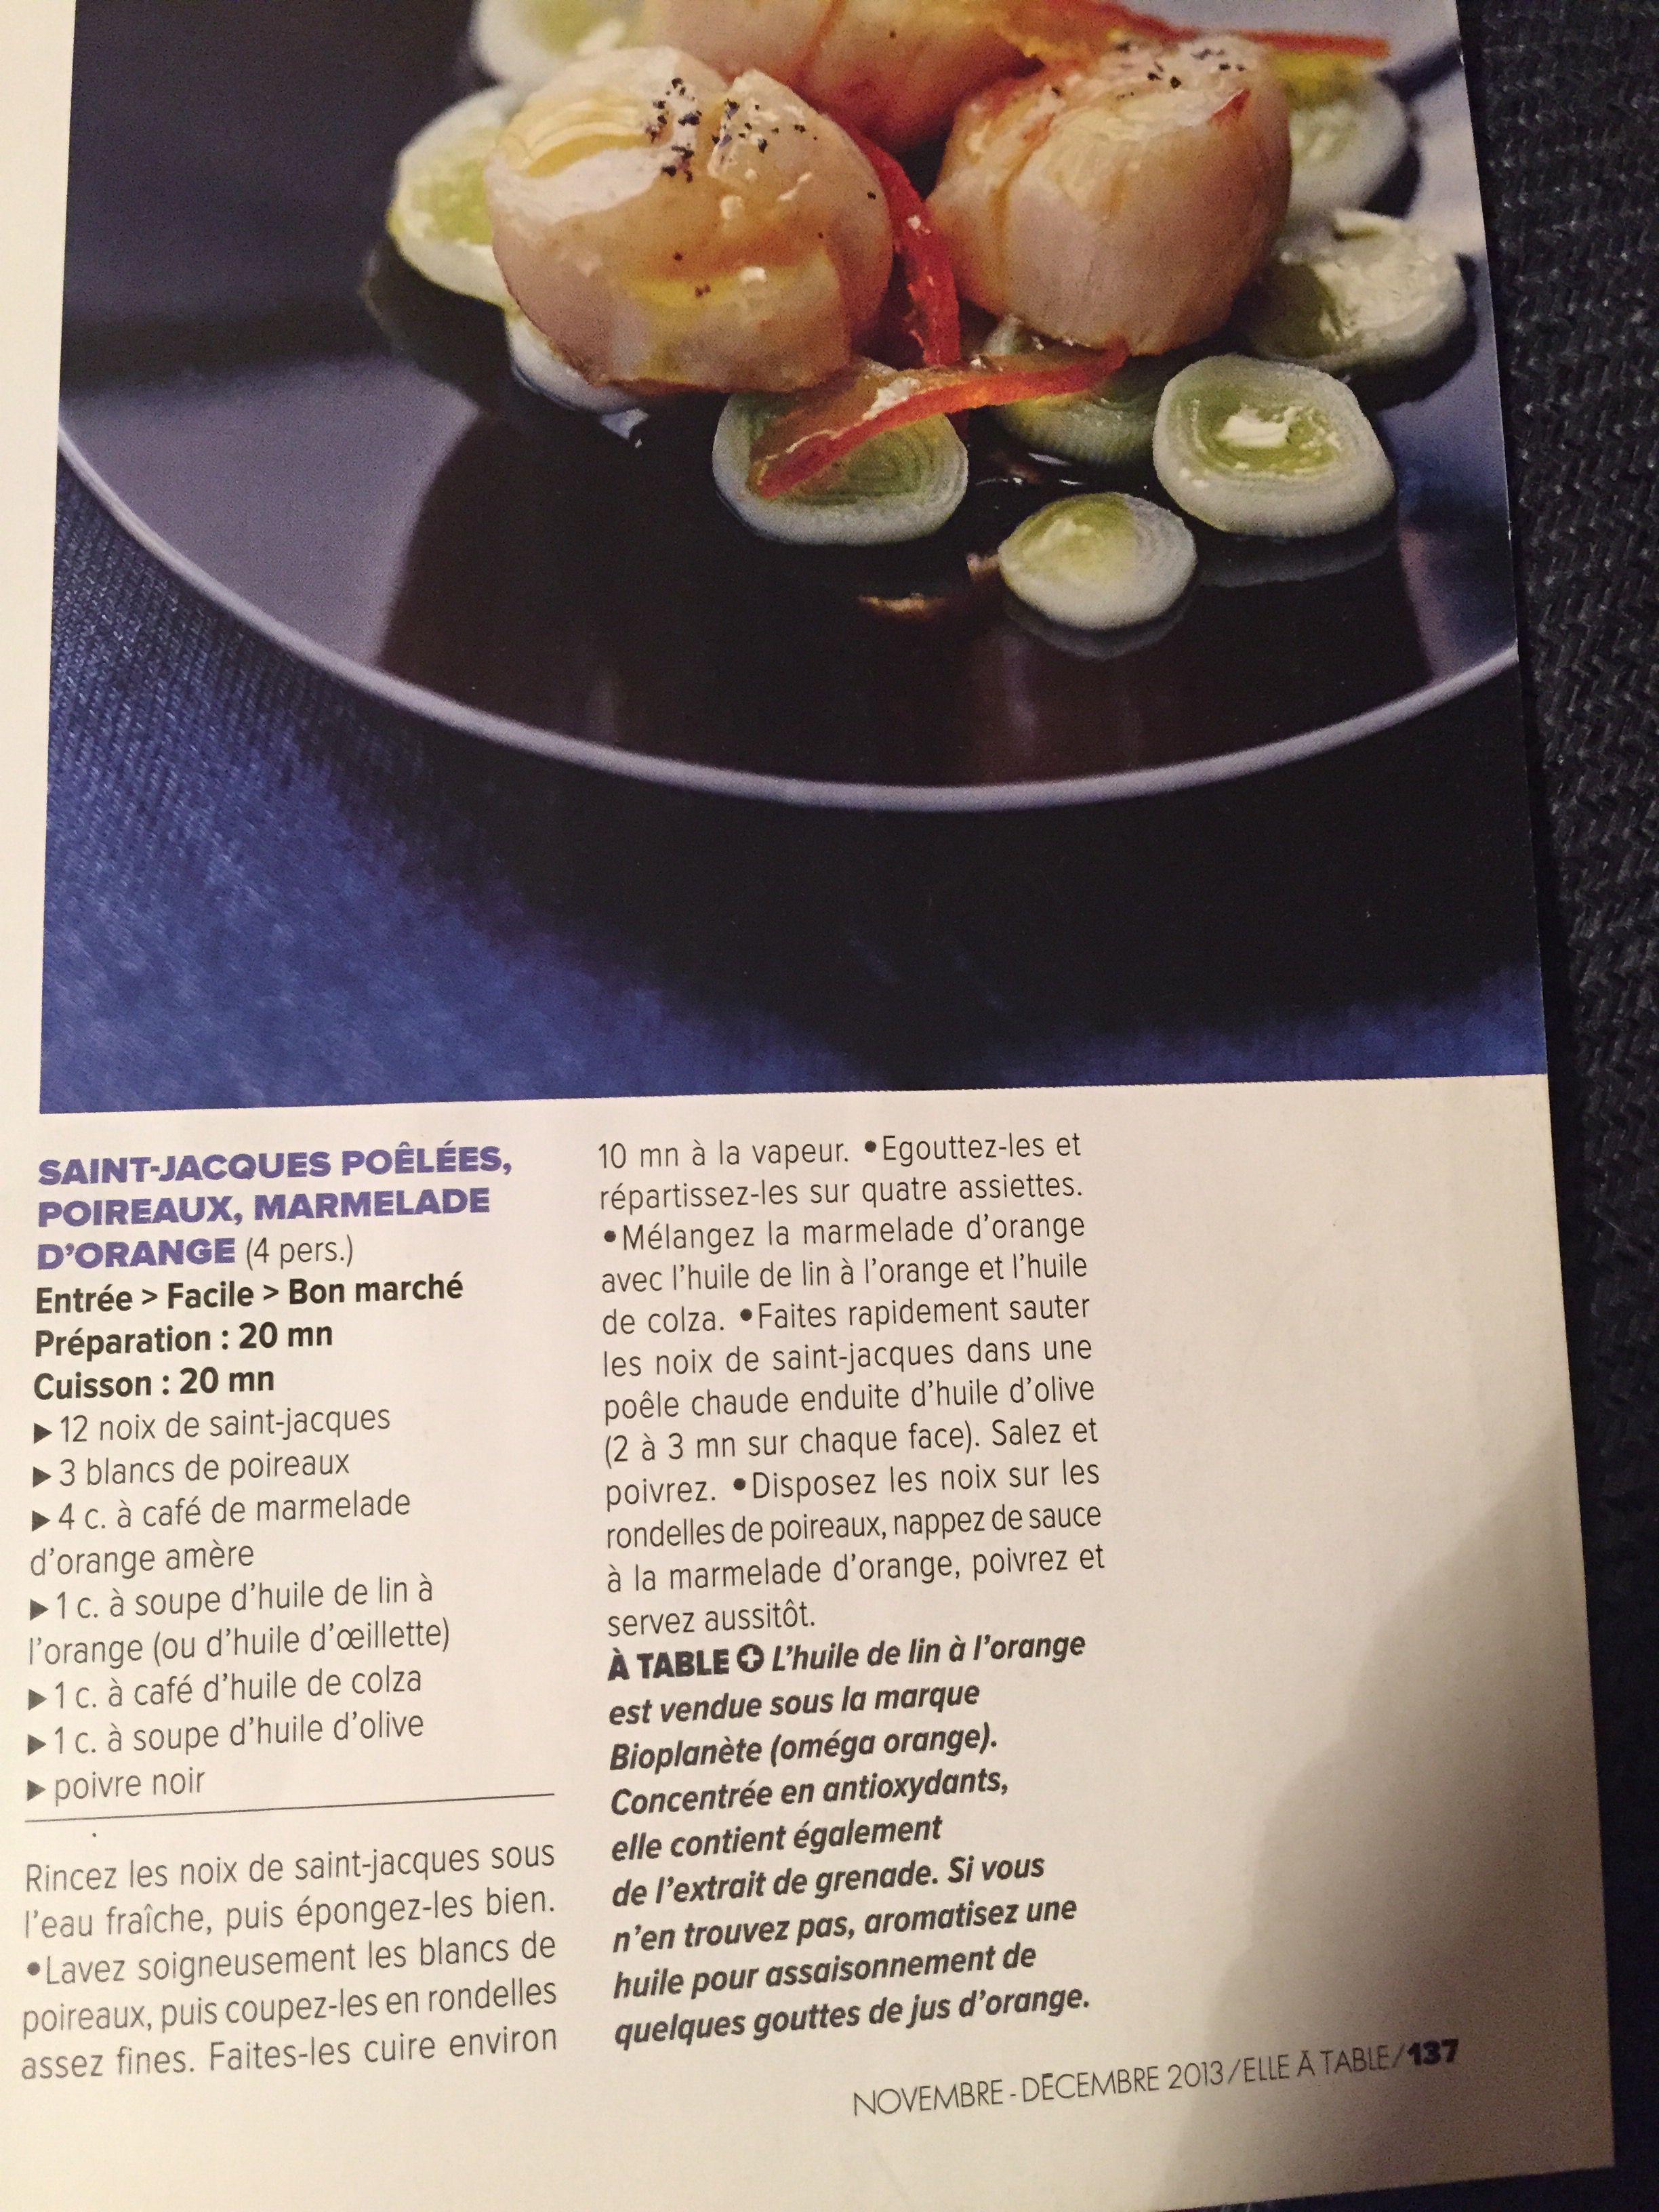 Saint-Jacques poêlées, poireaux, marmelade d orange